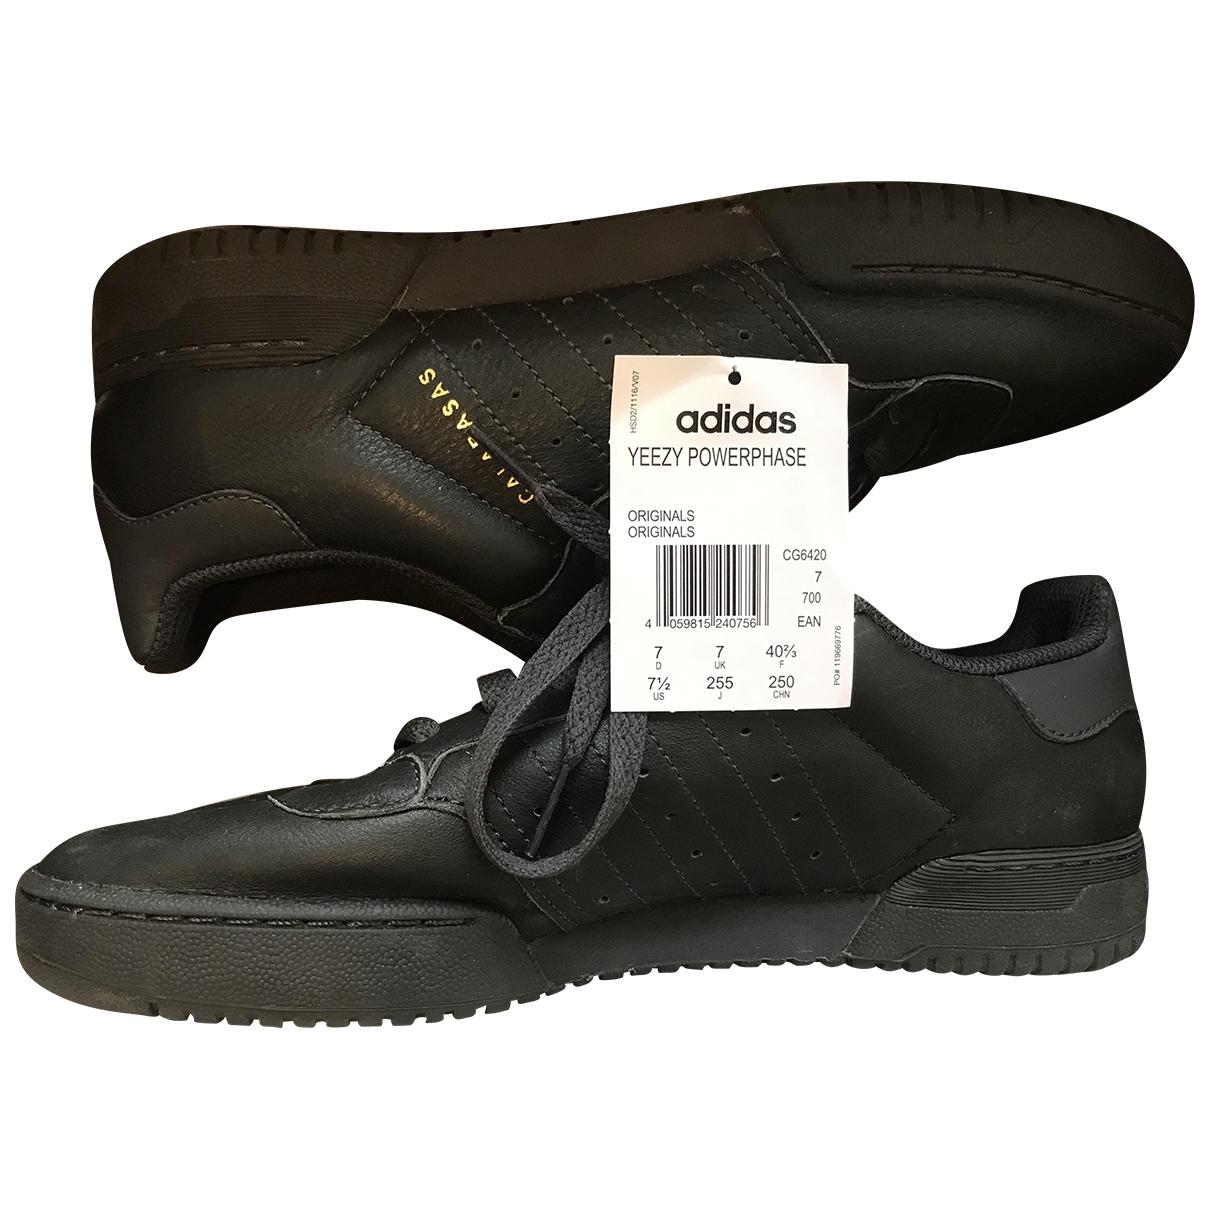 Yeezy X Adidas - Baskets POWERPHASE pour femme en cuir - gris